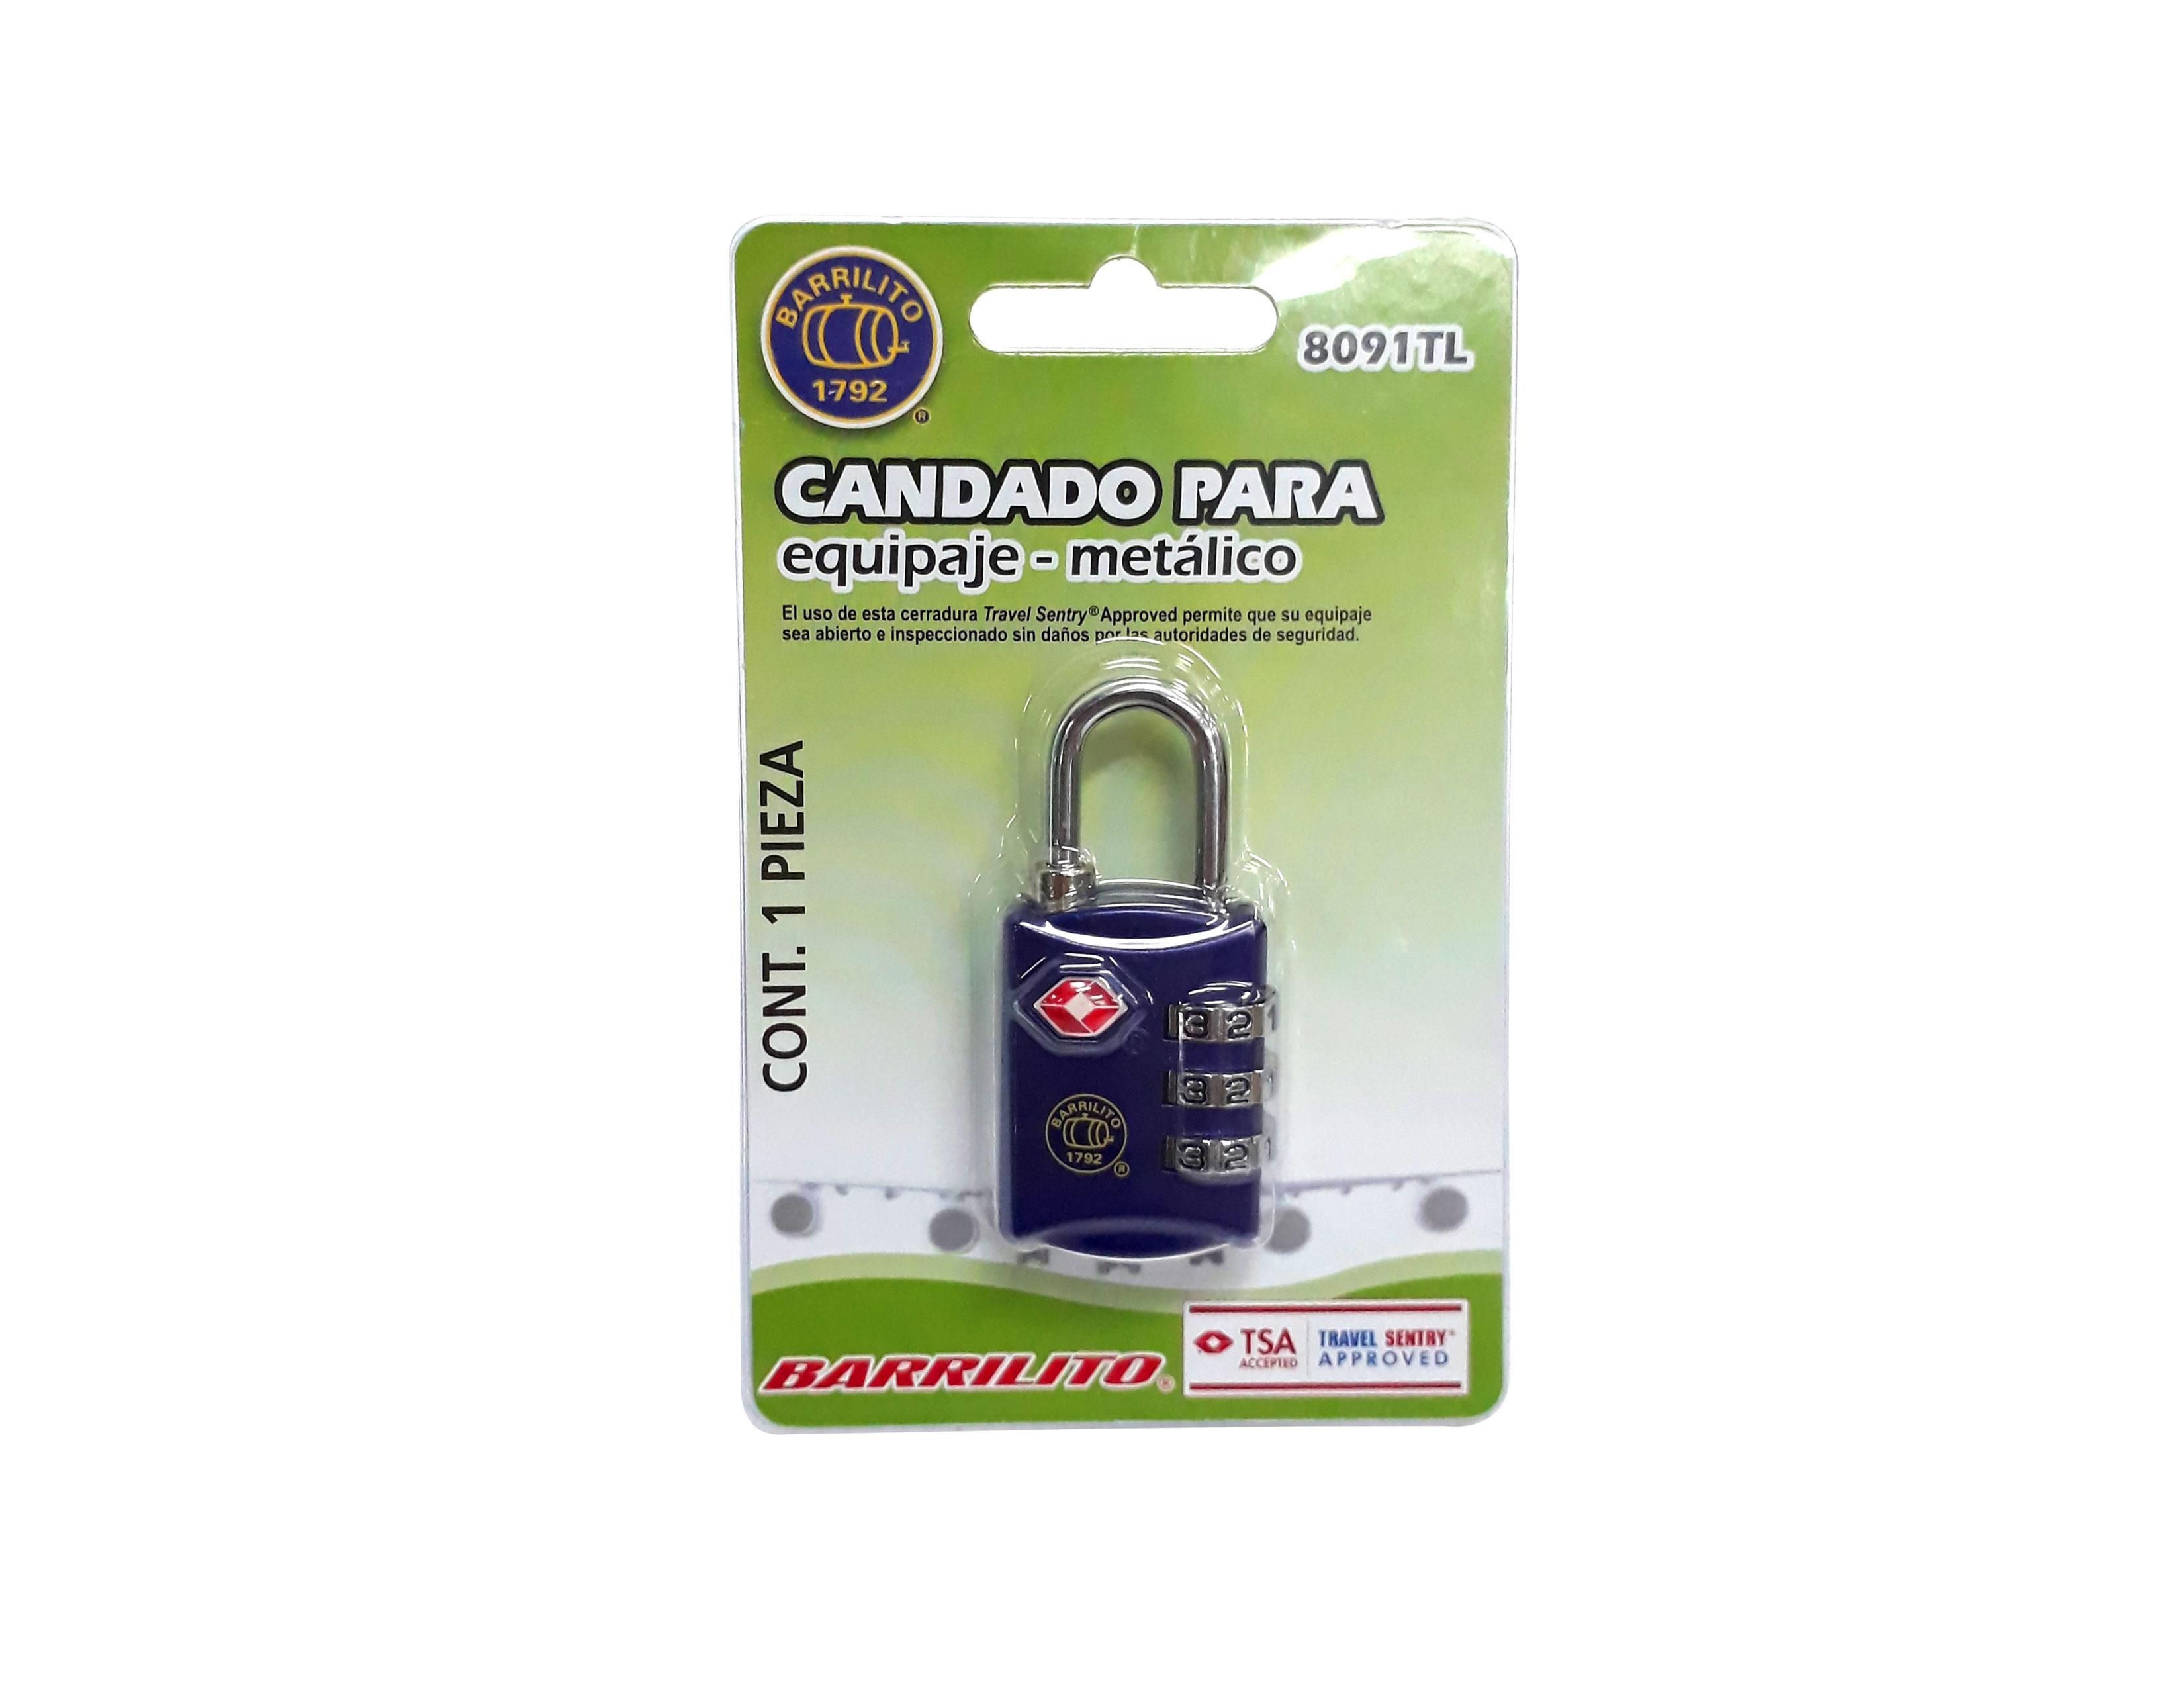 CANDADO P/LOCKER DE COMBINACION 8091TL